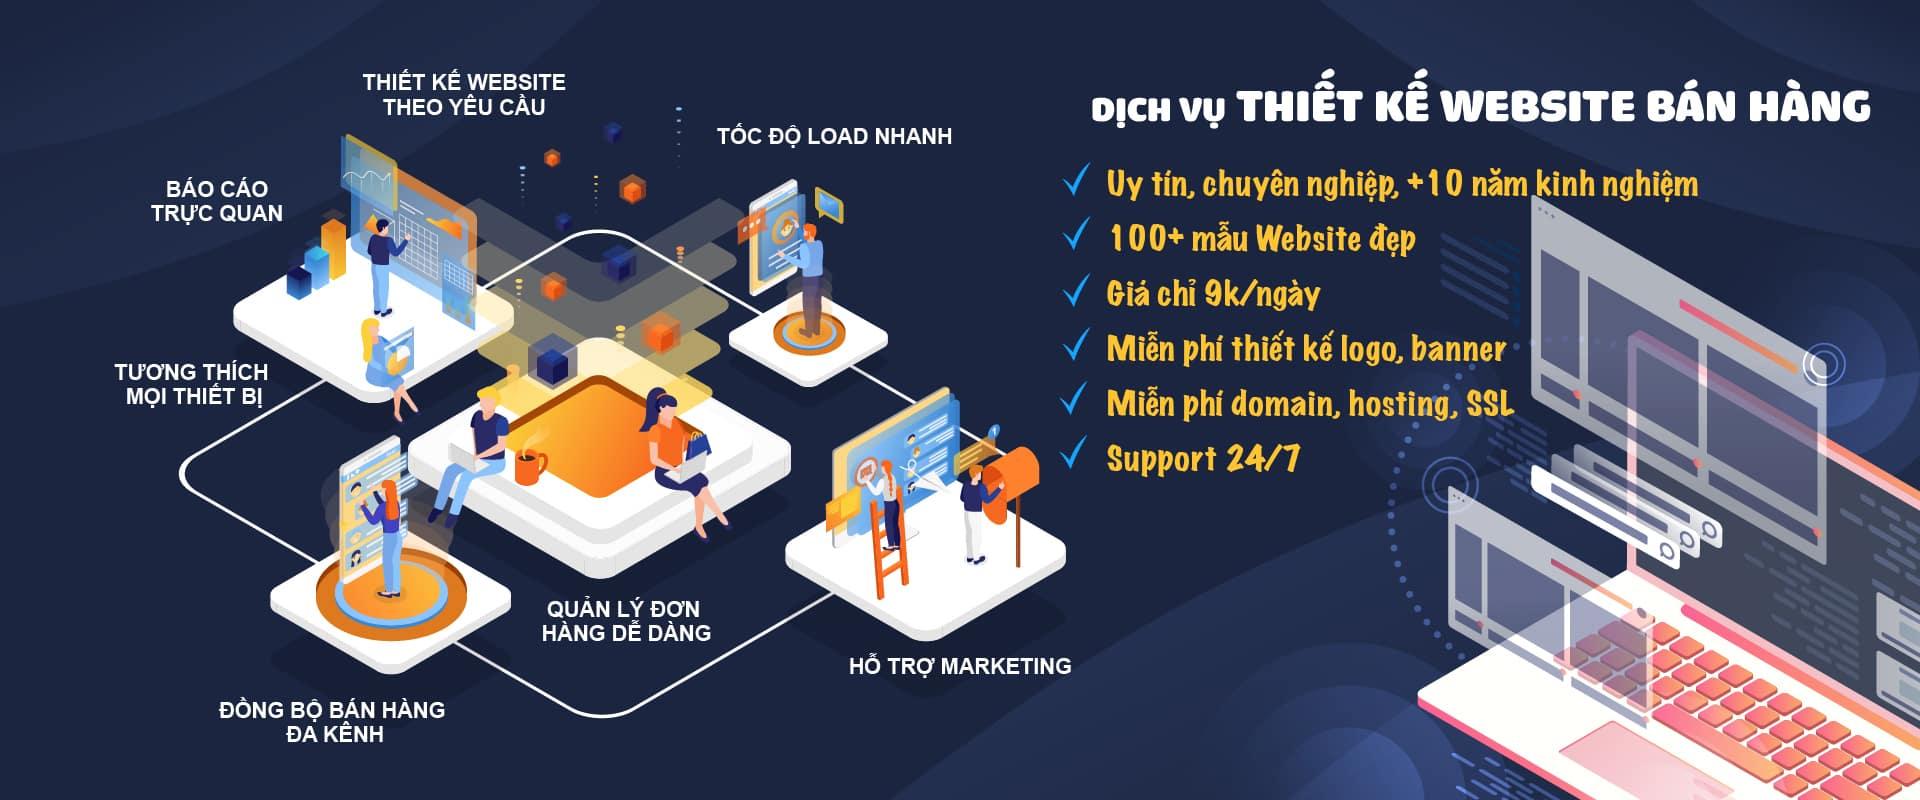 Thiết kế website bán hàng Hà Nội